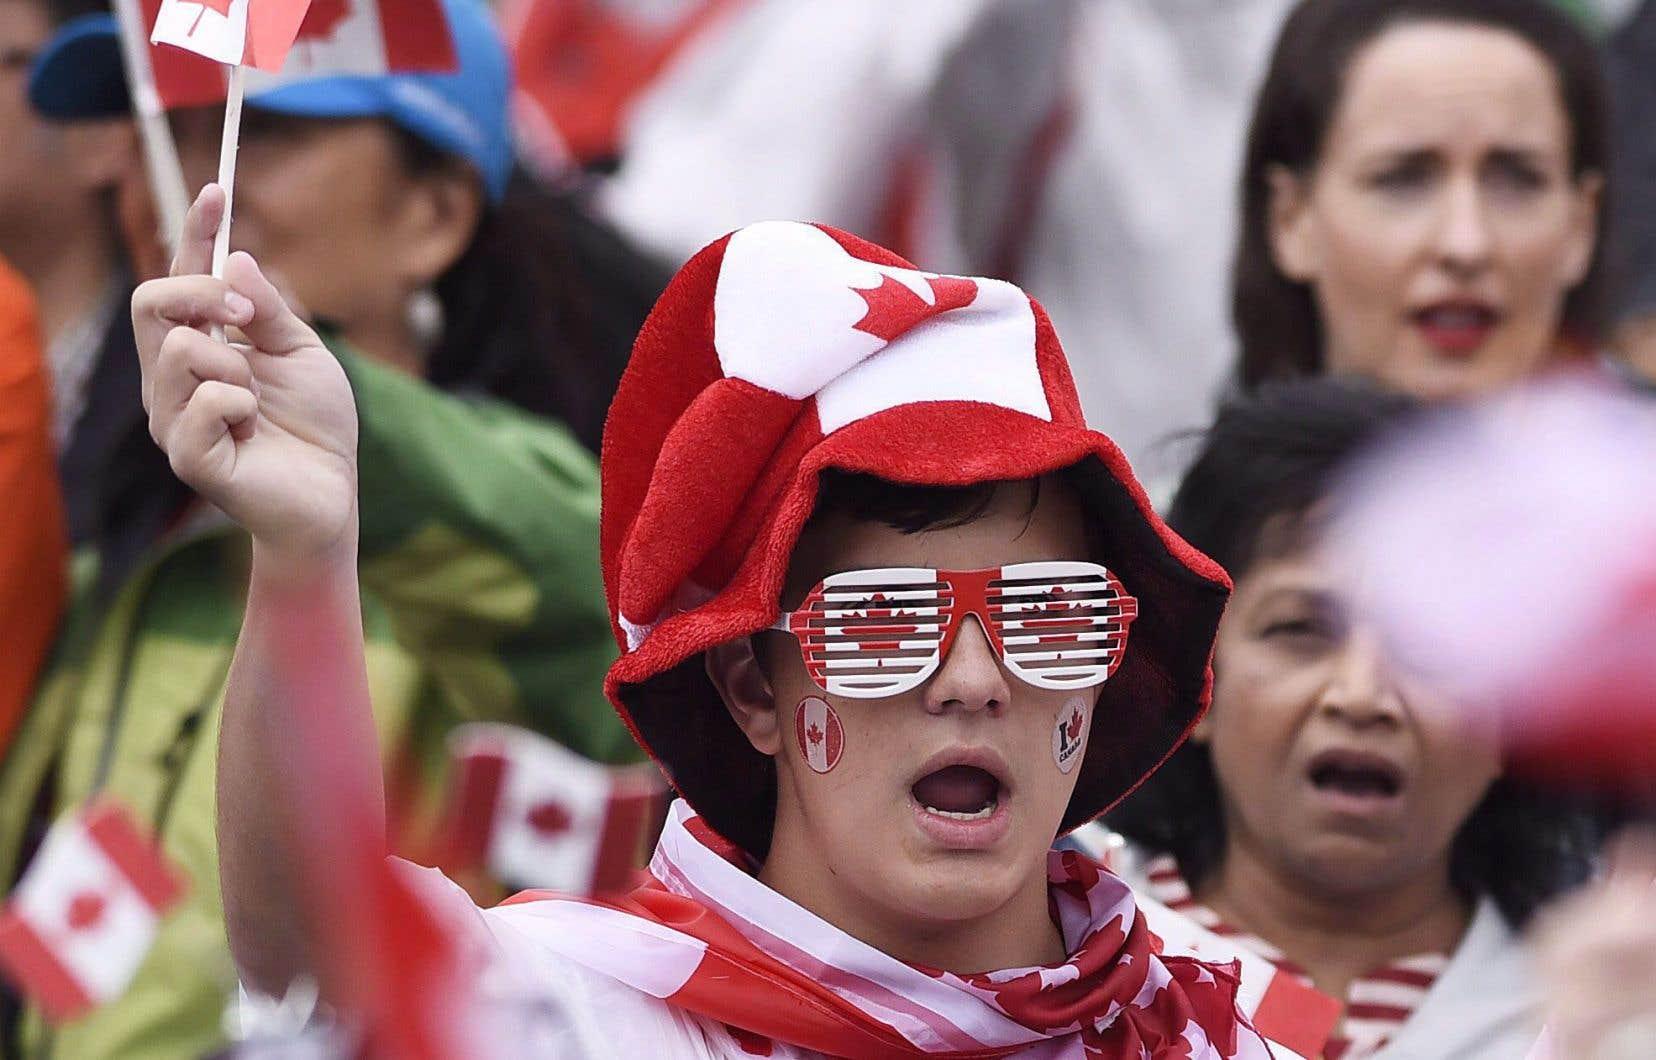 Époque oblige, les spectacles de la fête du Canada bénéficieront des mêmes mesures de sécurité établies l'an dernier pour le 150eanniversaire de la Constitution.